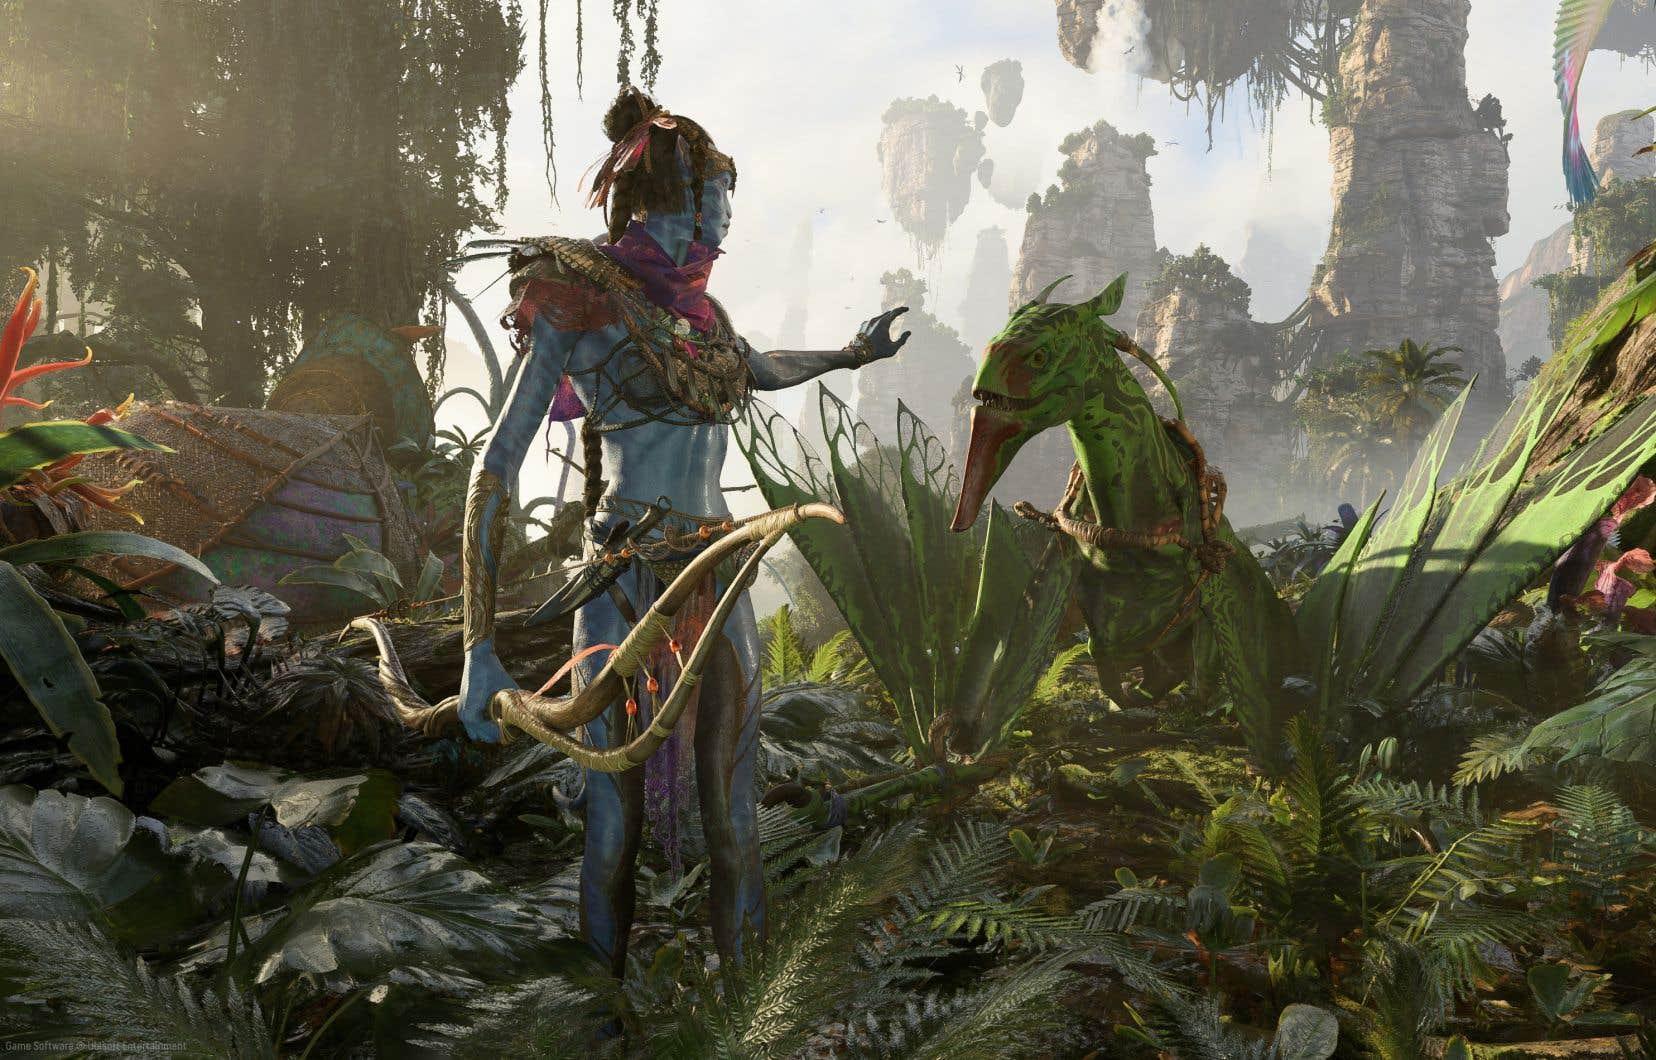 Image tirée de la bande-annonce du nouveau jeu «Avatar: Frontiers of Pandora» développé par Ubisoft